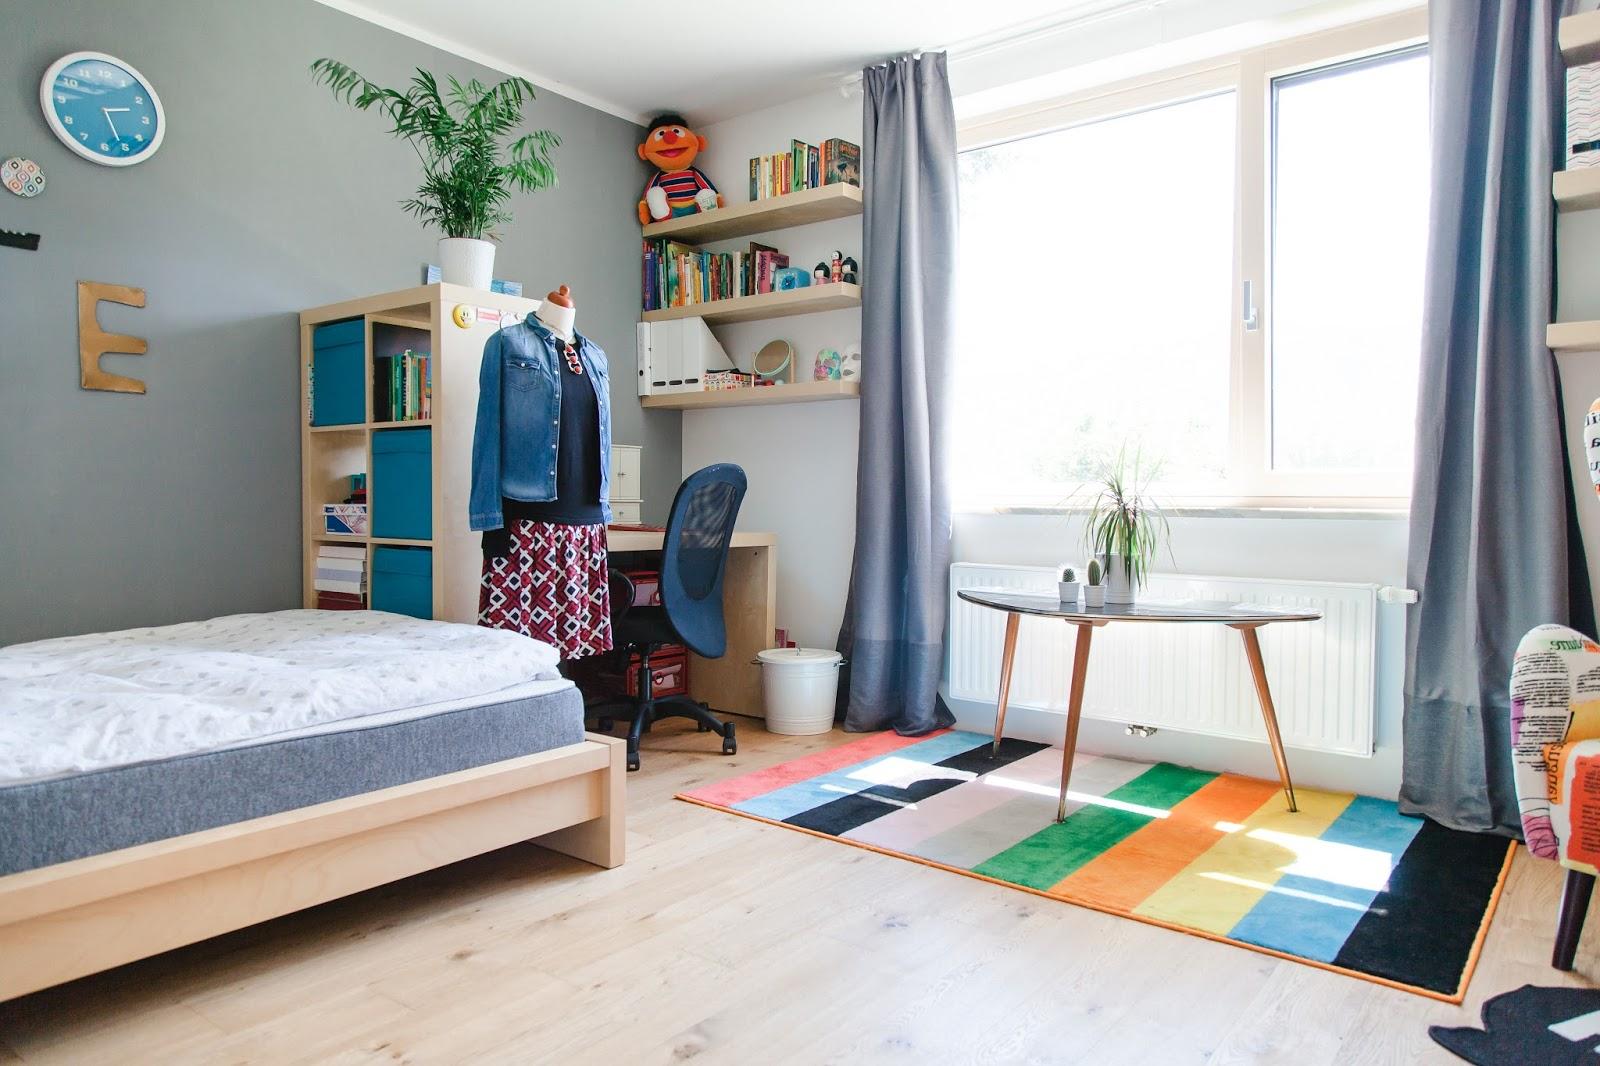 zimmer verdunkeln die gardinen fr sowie auch die jalousien schaffen ein warmes ambiente im. Black Bedroom Furniture Sets. Home Design Ideas